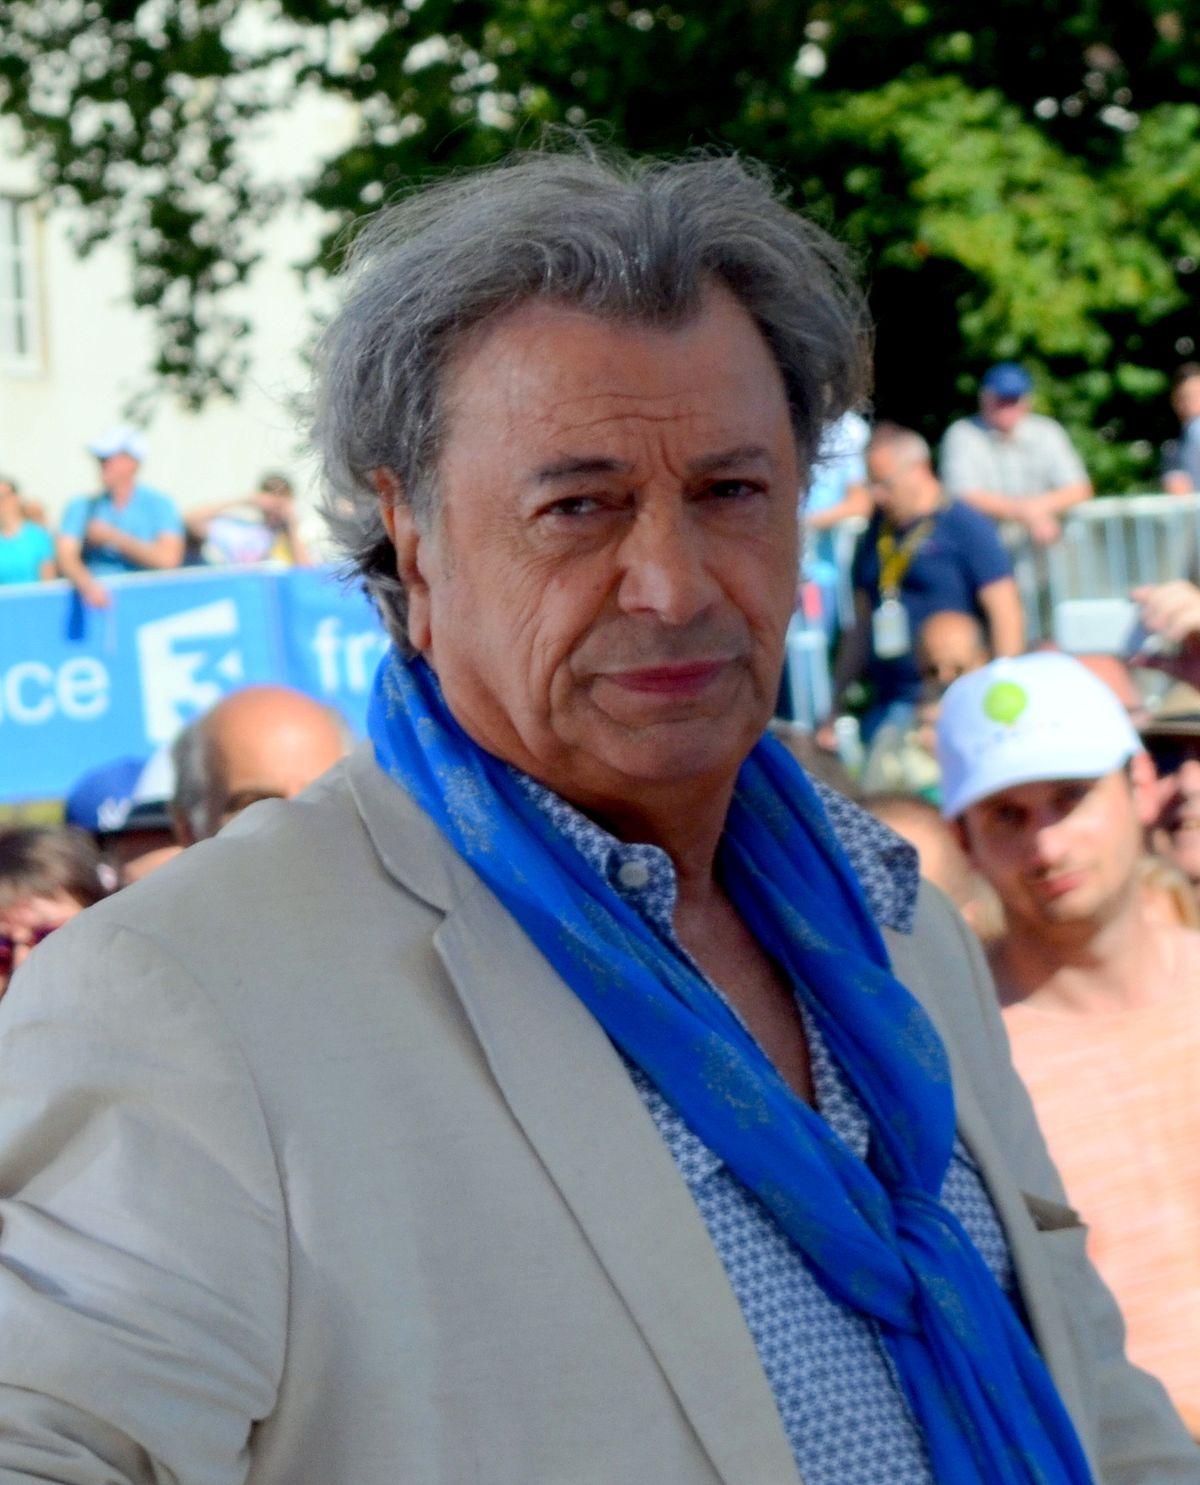 Hervé Vilard - Wikipedia